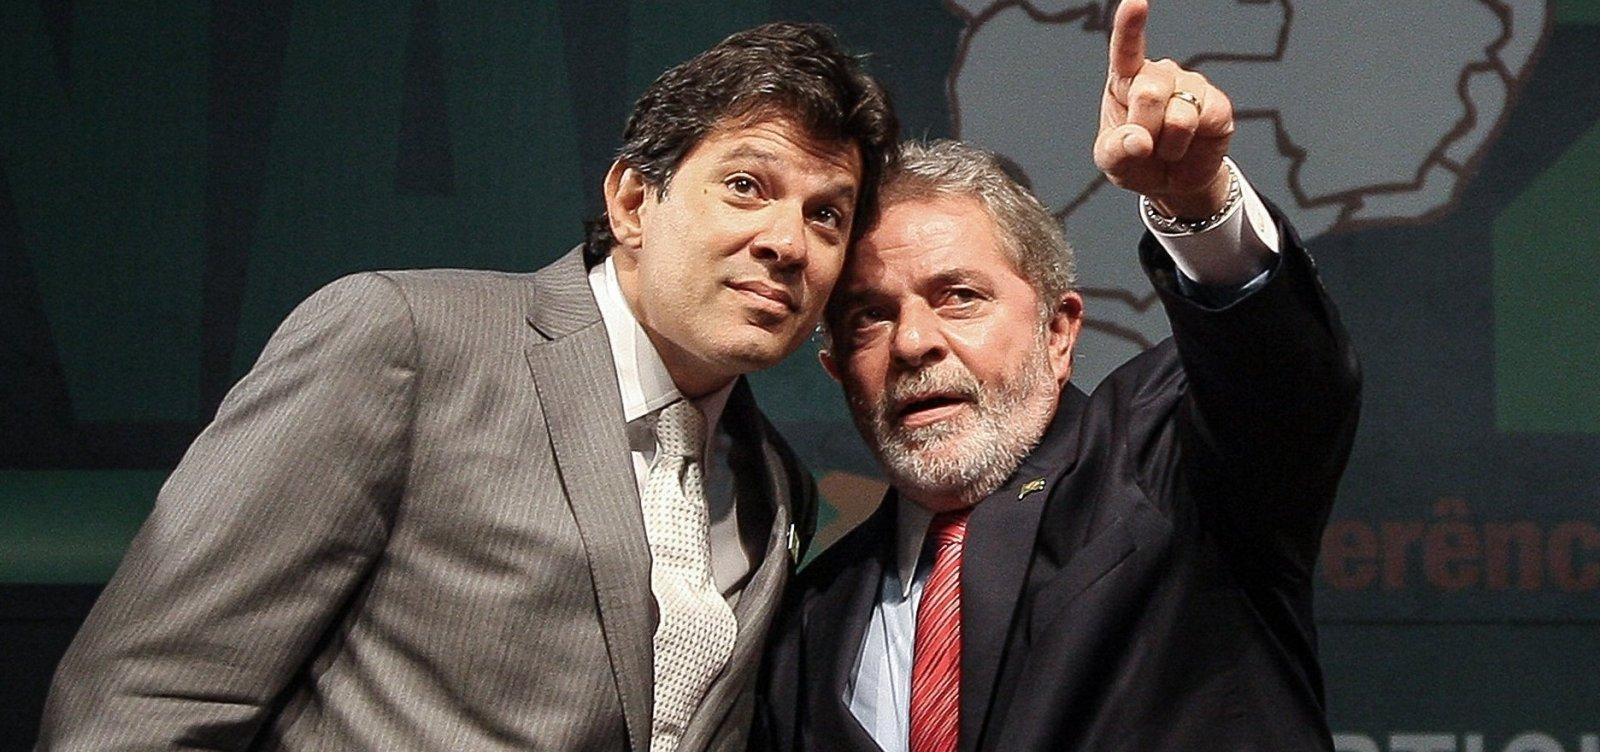 Sobe número de eleitores que ligam Haddad e Lula